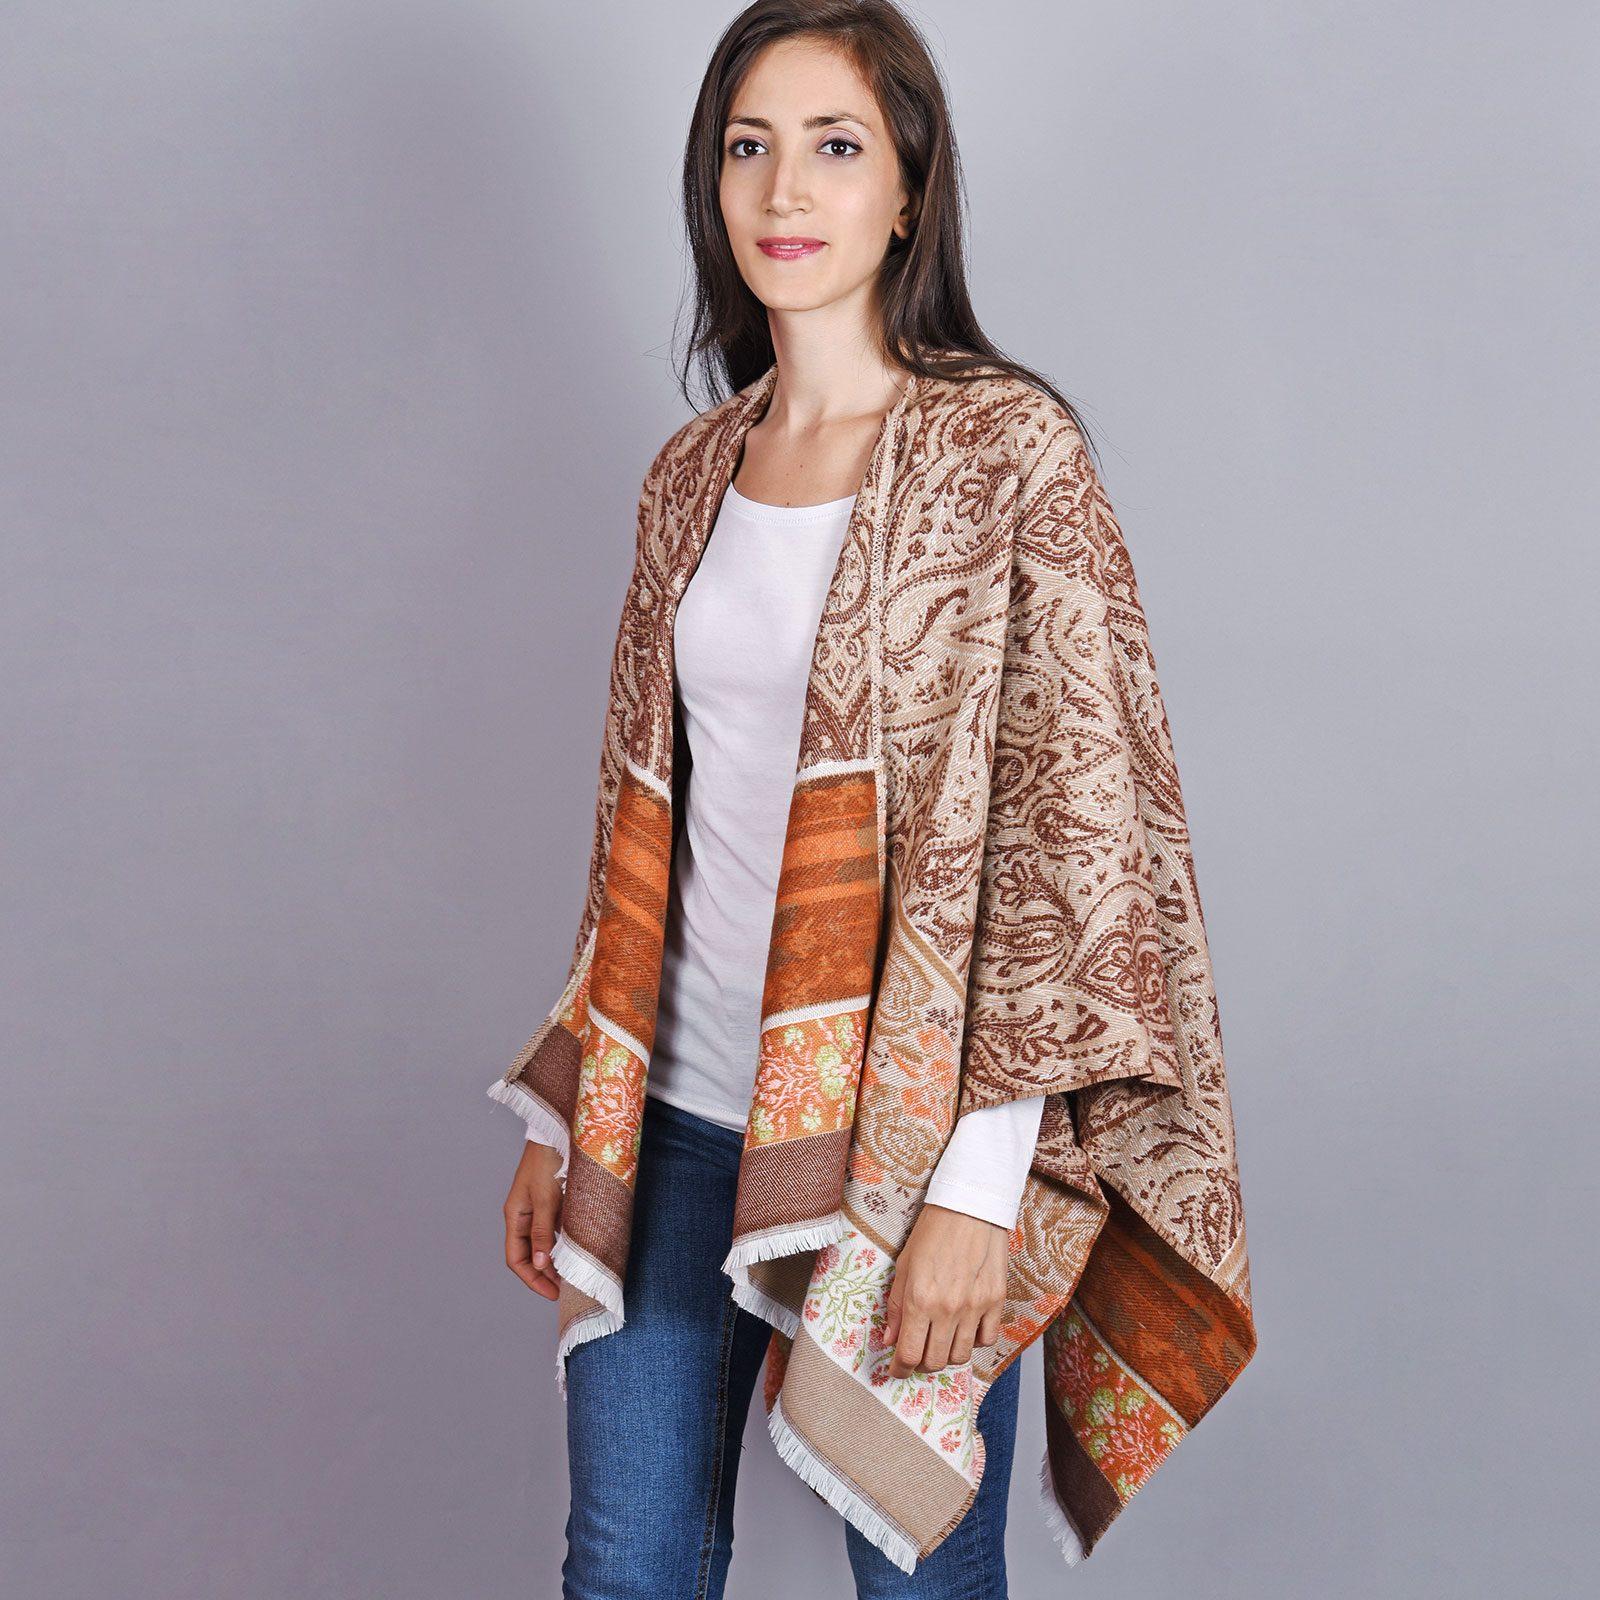 http://lookbook.allee-du-foulard.fr/wp-content/uploads/2018/11/AT-04513-VF16-1-poncho-beige-frise-florale-1600x1600.jpg